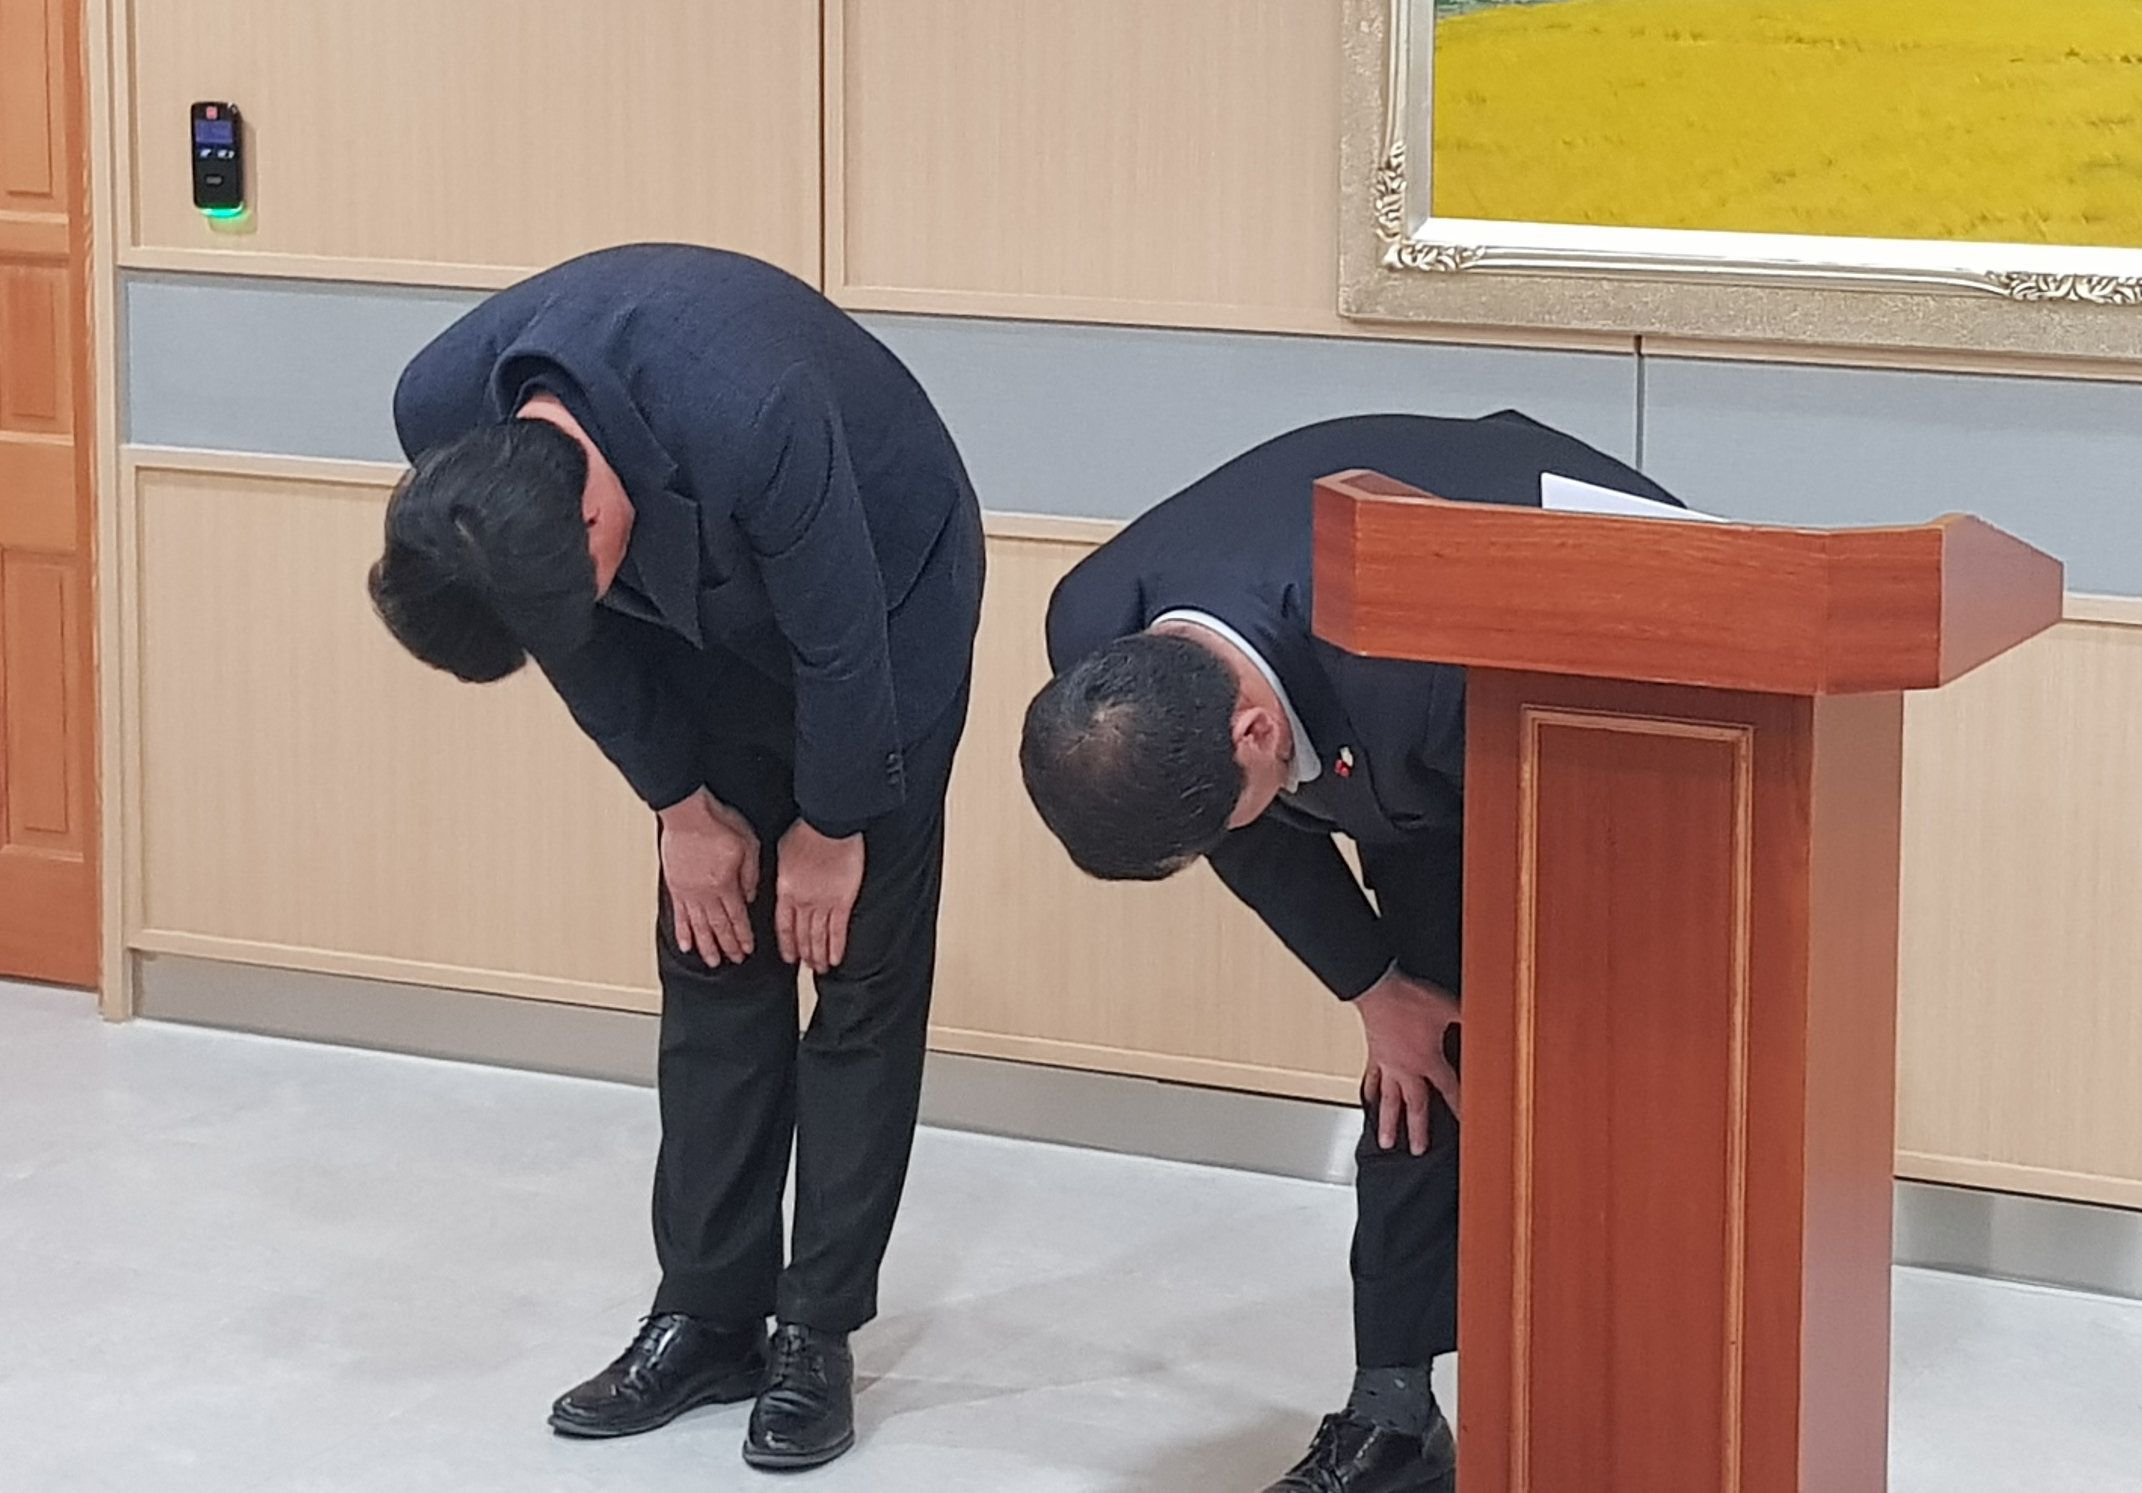 시·도·군 의원 연수 담당한 여행사 대표가 폭로한 '외유성 출장'